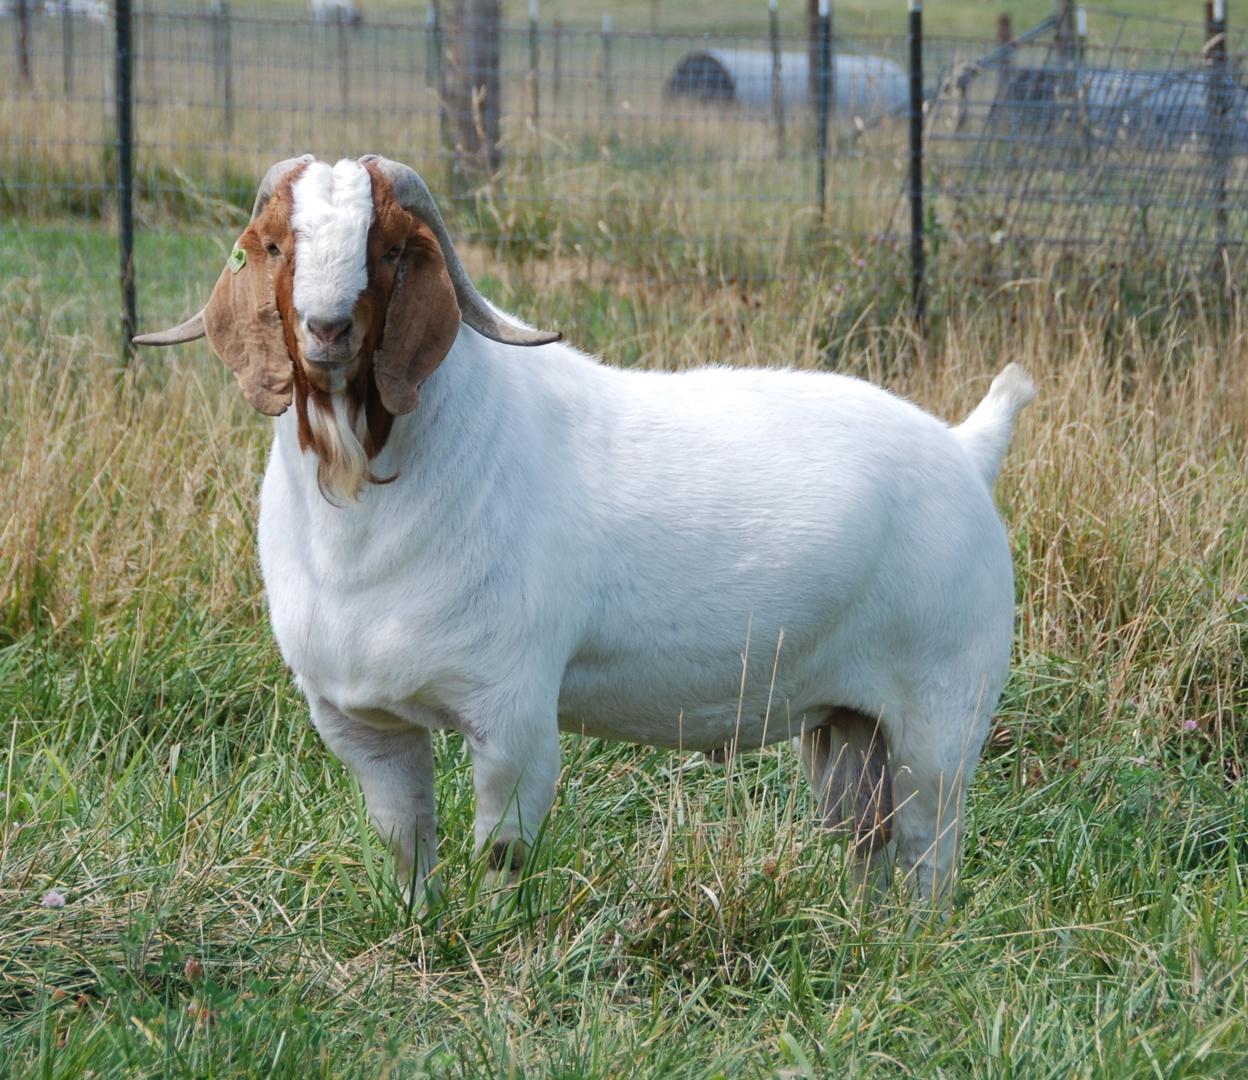 Starshine Meadows Boer Goats - Boer Goats For Sale, Boer Goat Kids